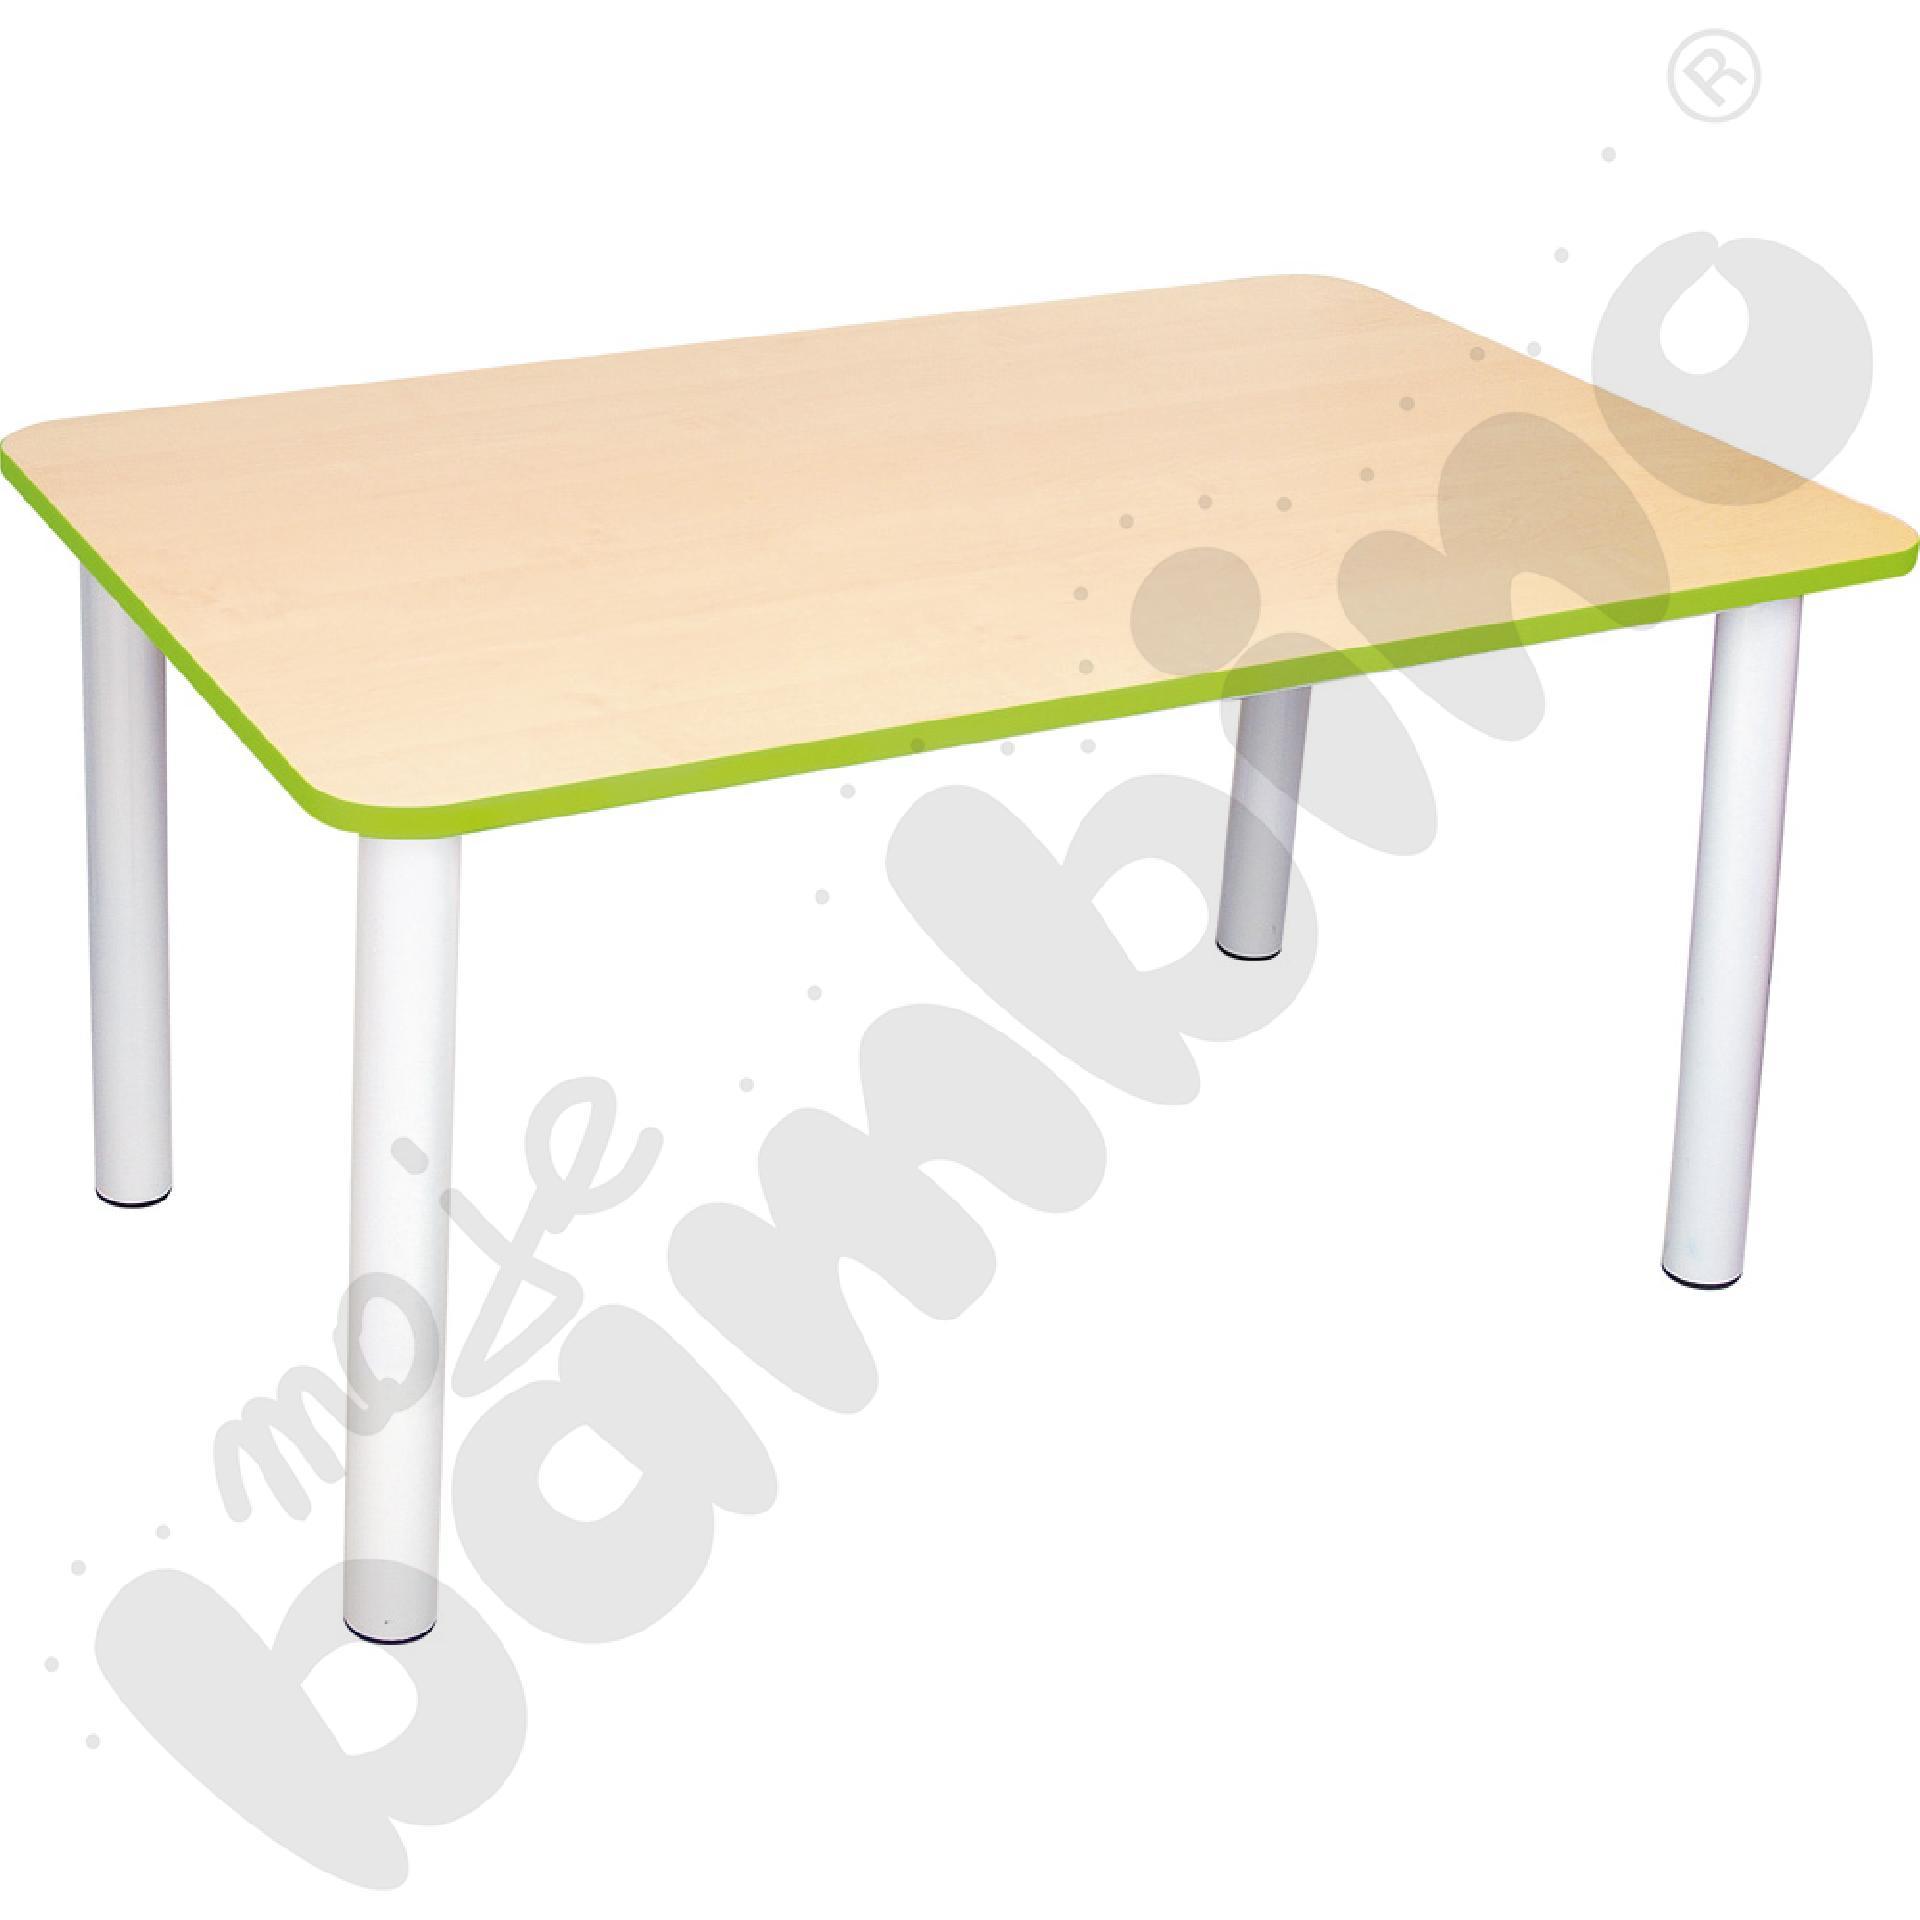 Blat do stołu Premium z zielonym obrzeżem